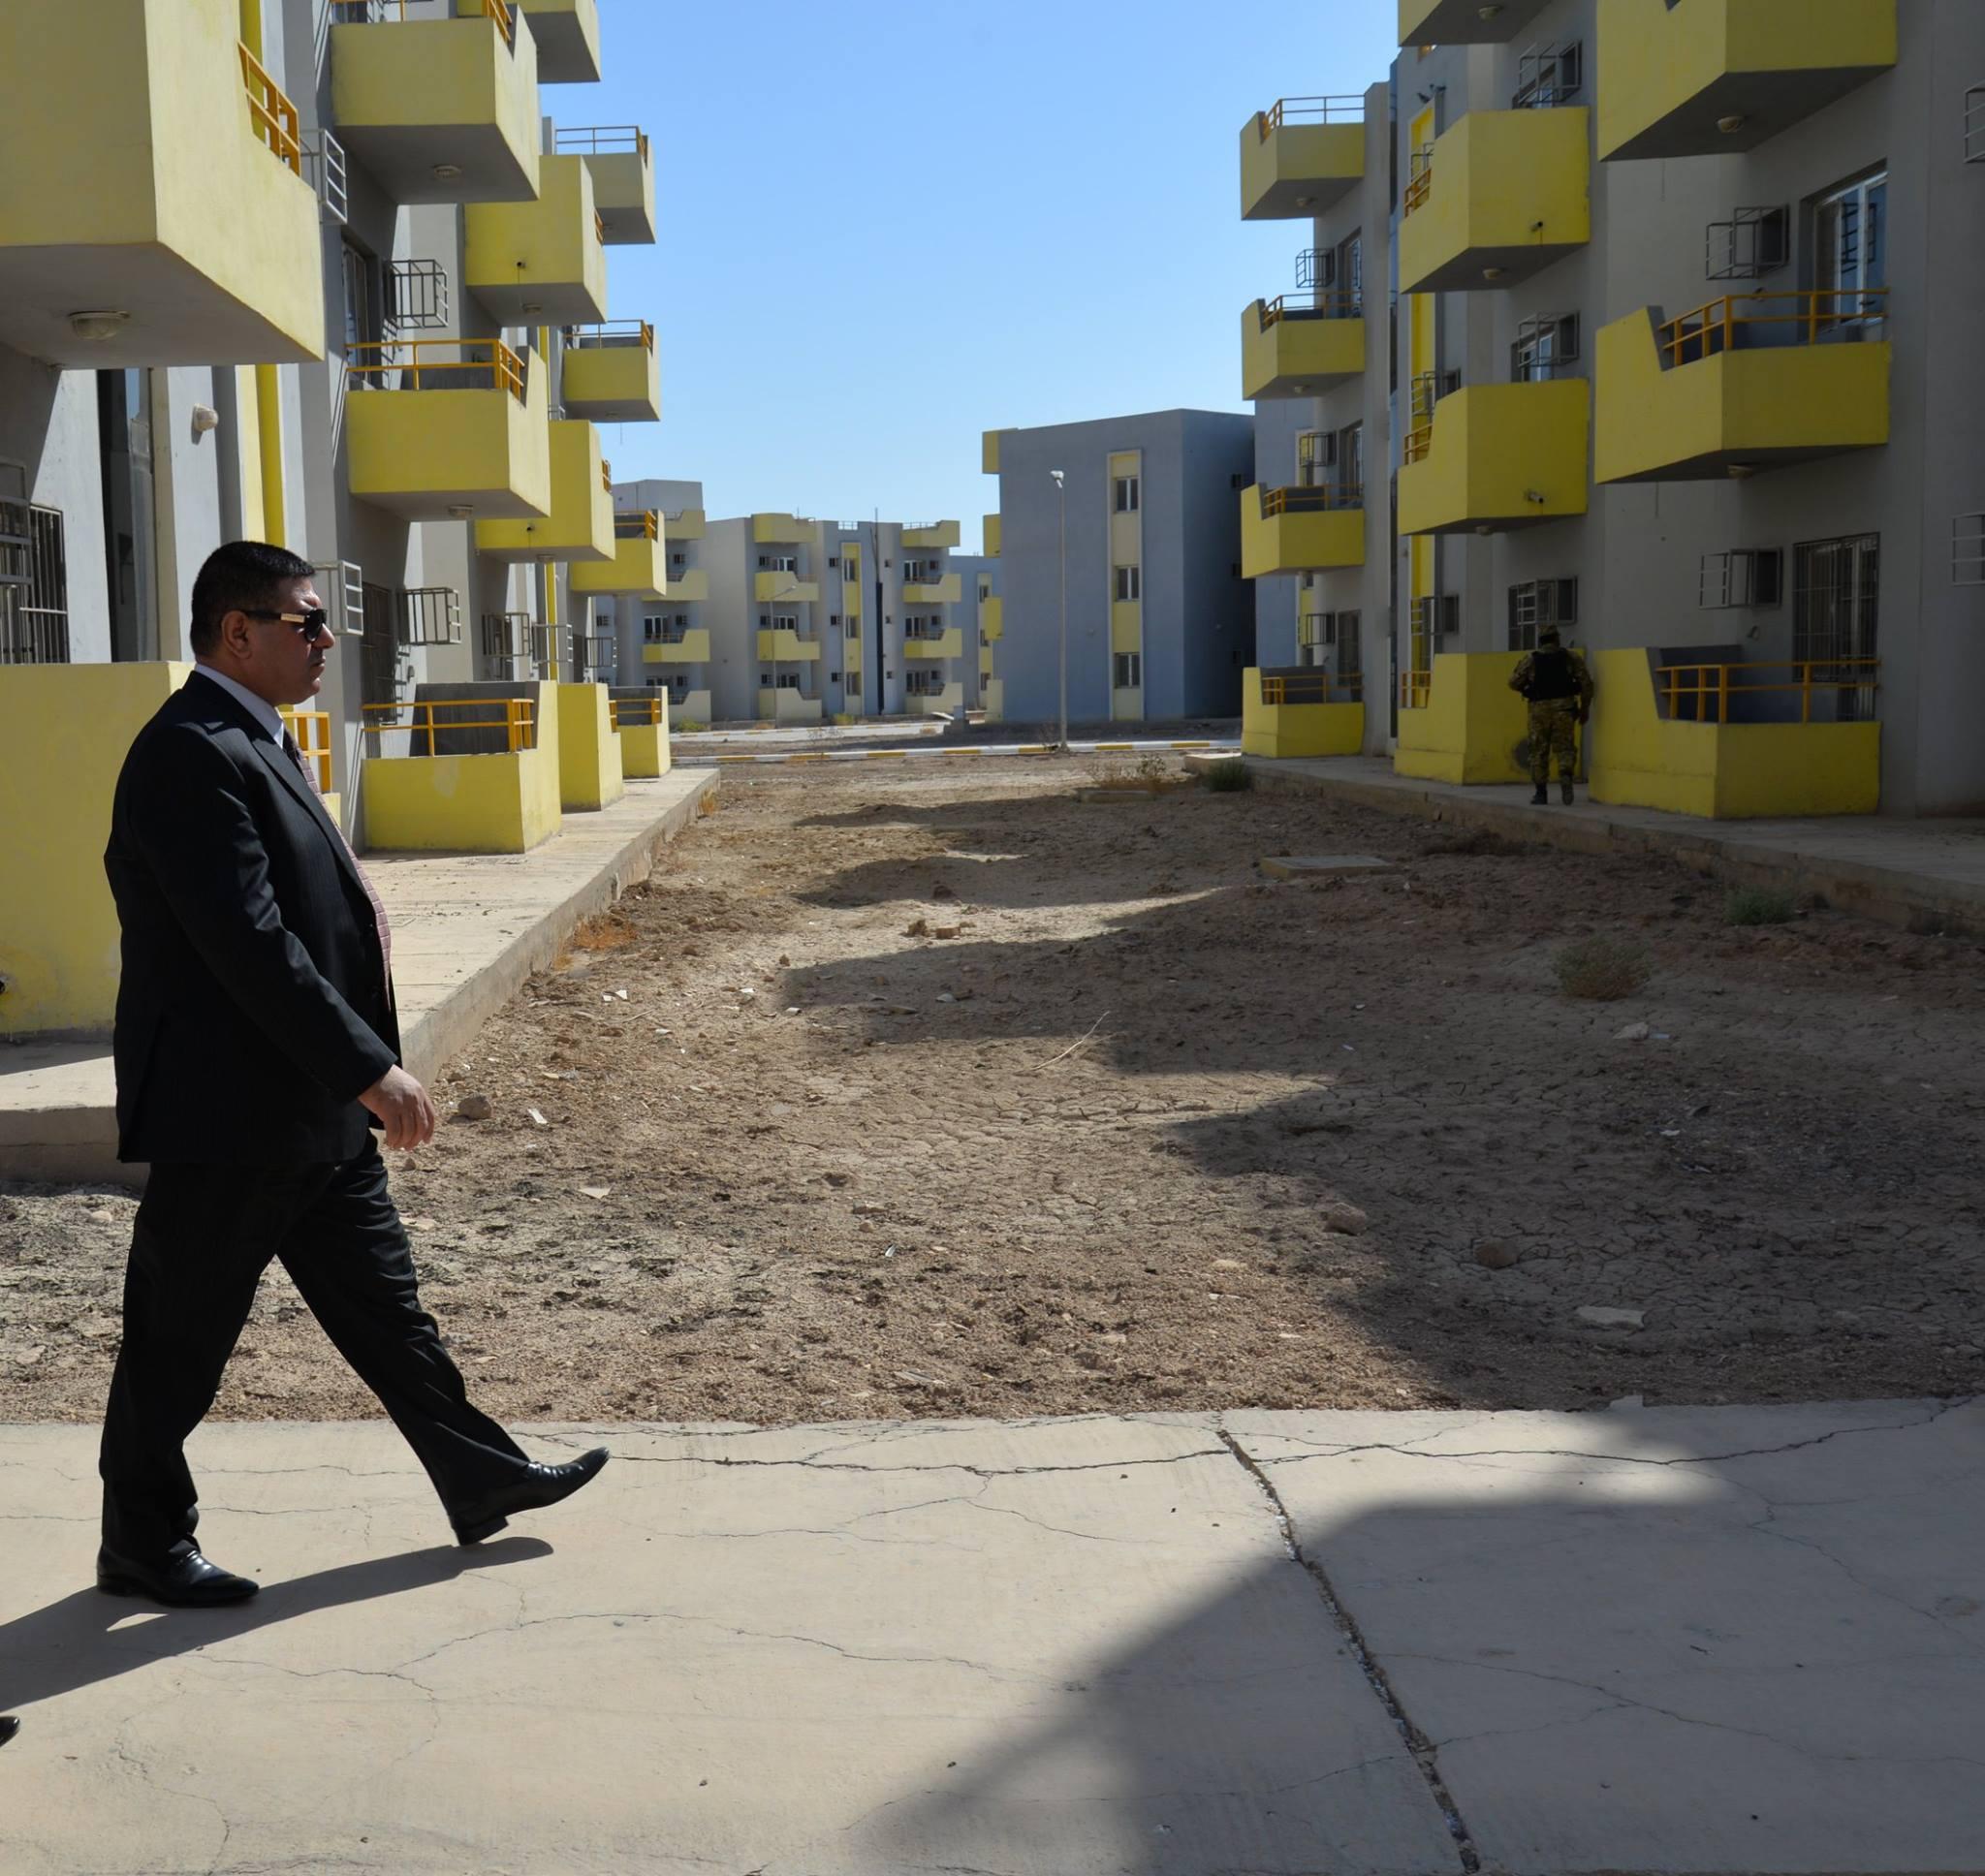 محافظ المثنى يطالب وزارة الاعمار بإيصال الخدمات الى مجمع حي الزهراء السكني بالسماوة